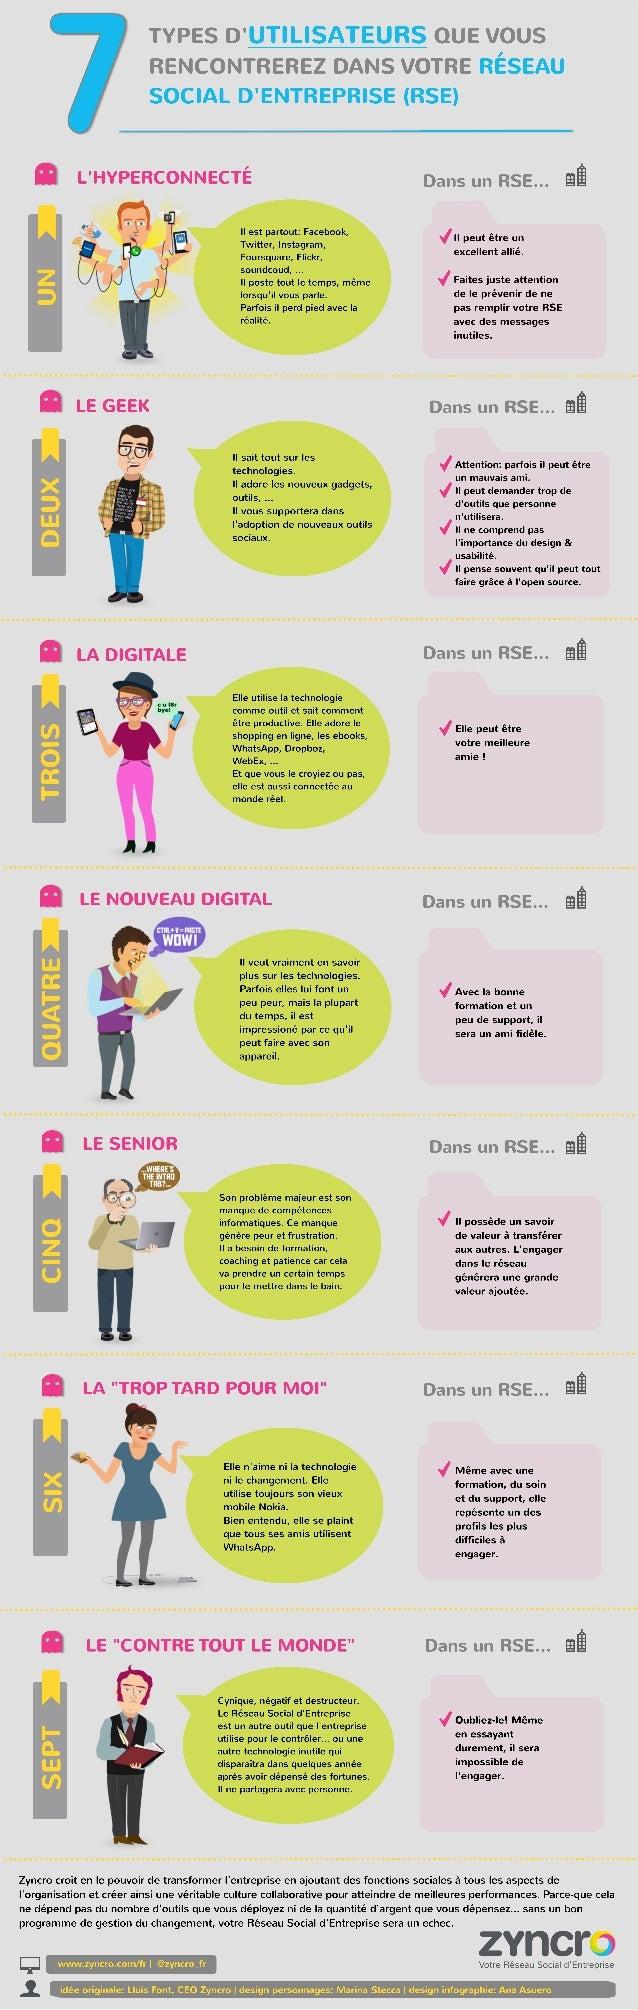 Infographie: 7 types d utilisateurs de votre rse